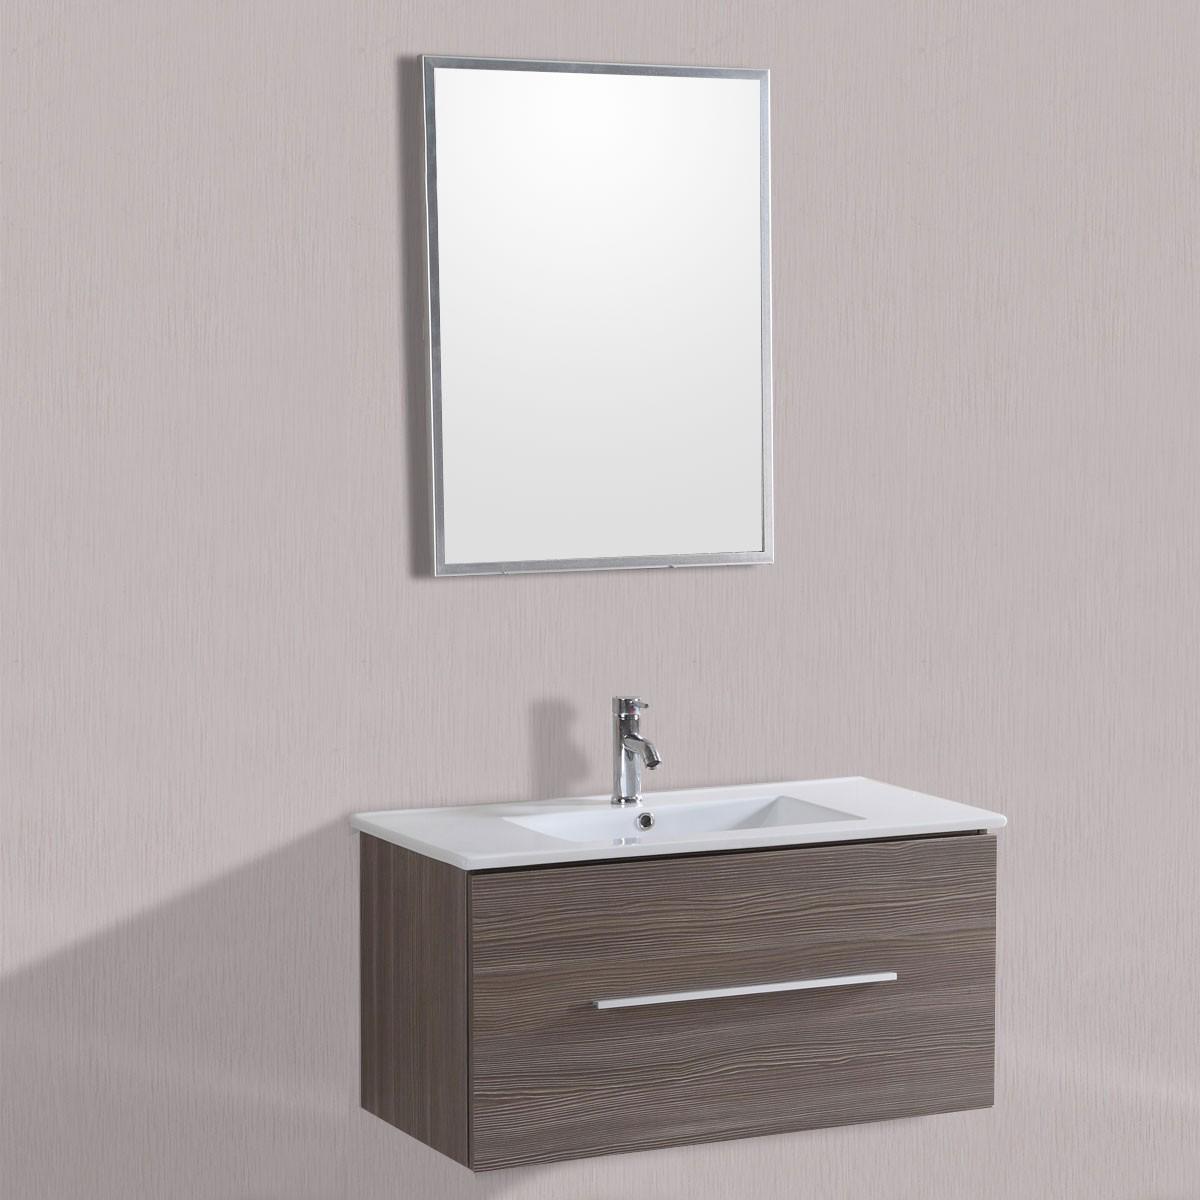 40 po meuble salle de bain suspendu au mur lavabo simple for Miroir magique au mur